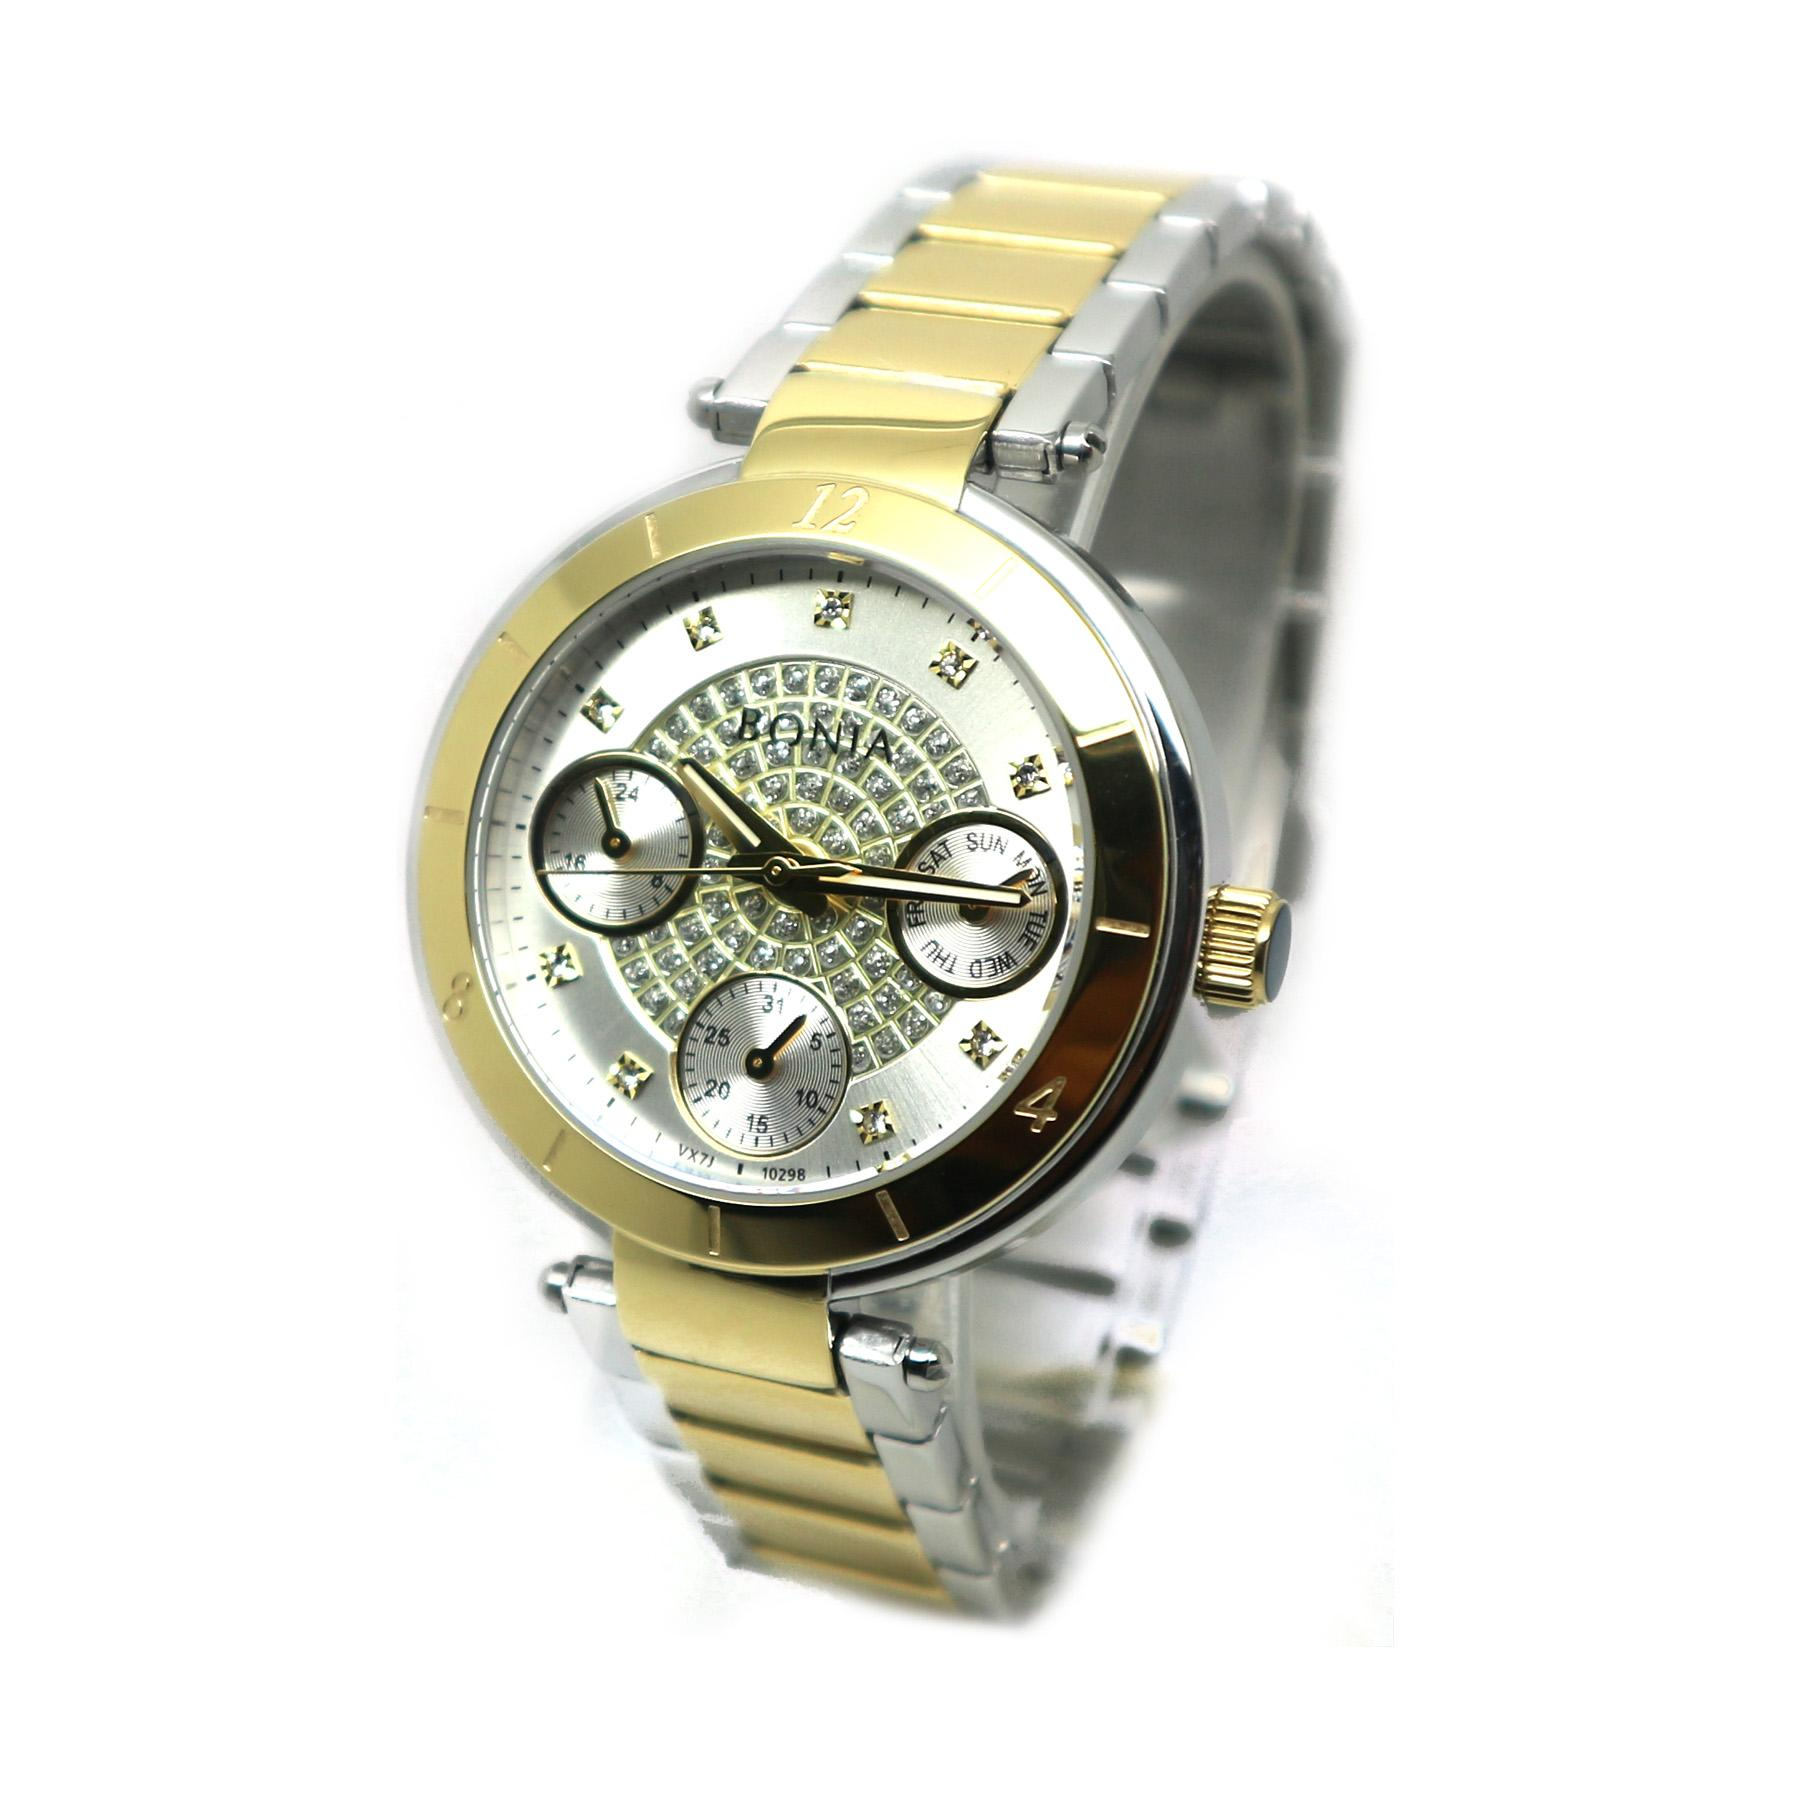 Bonia Bn 2247 Jam Tangan Wanita Stainless Steel Gold Referensi Bn10199 2257 Silver Komb Putih Bnb10298